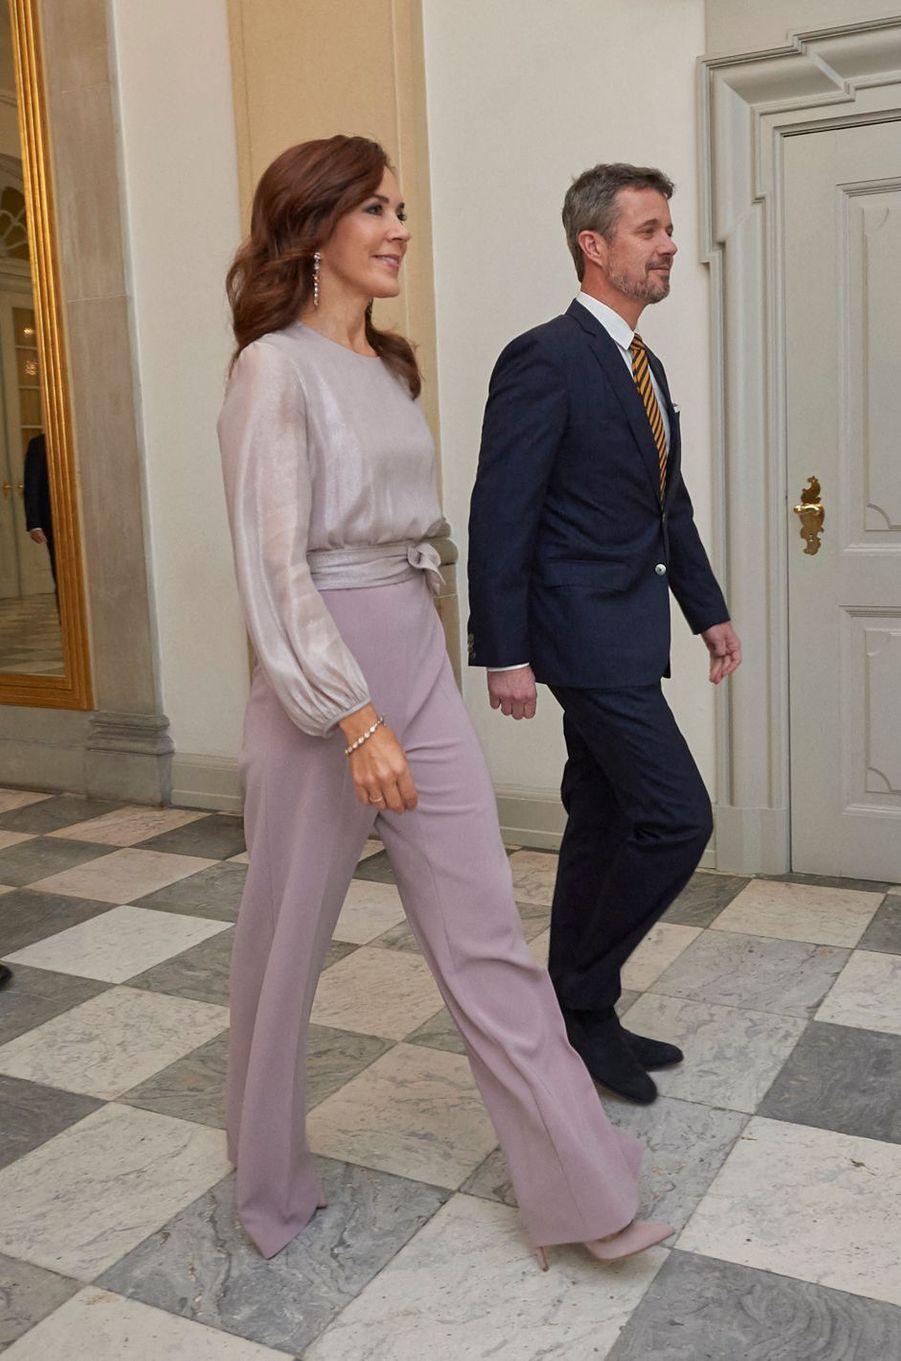 La princesse Mary avec le prince Frederik de Danemark à Copenhague, le 11 octobre 2019